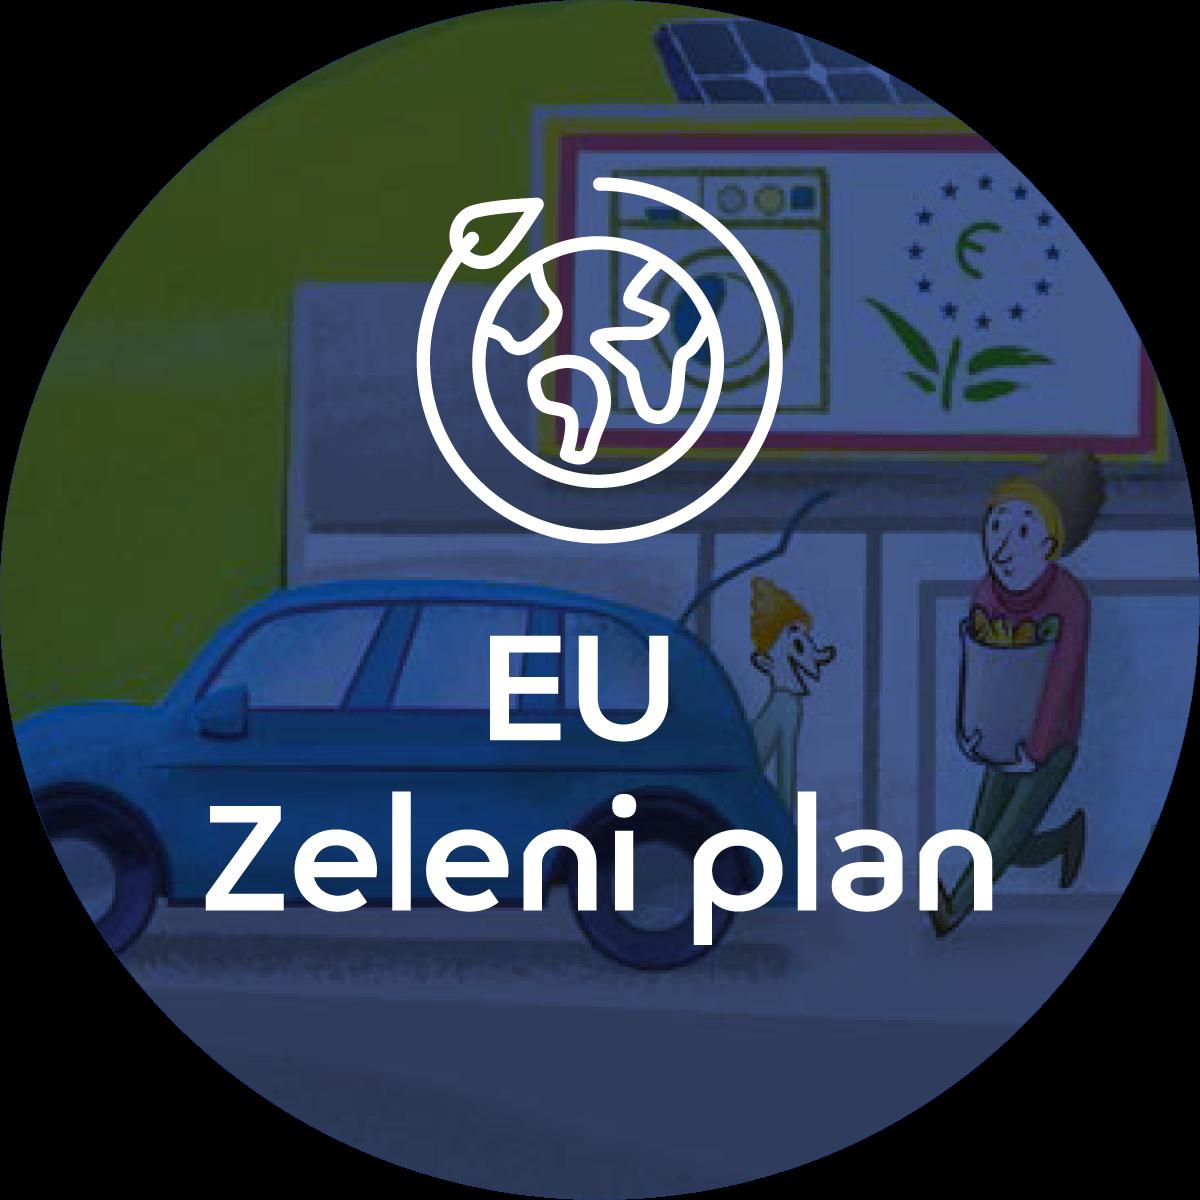 EU Zeleni plan